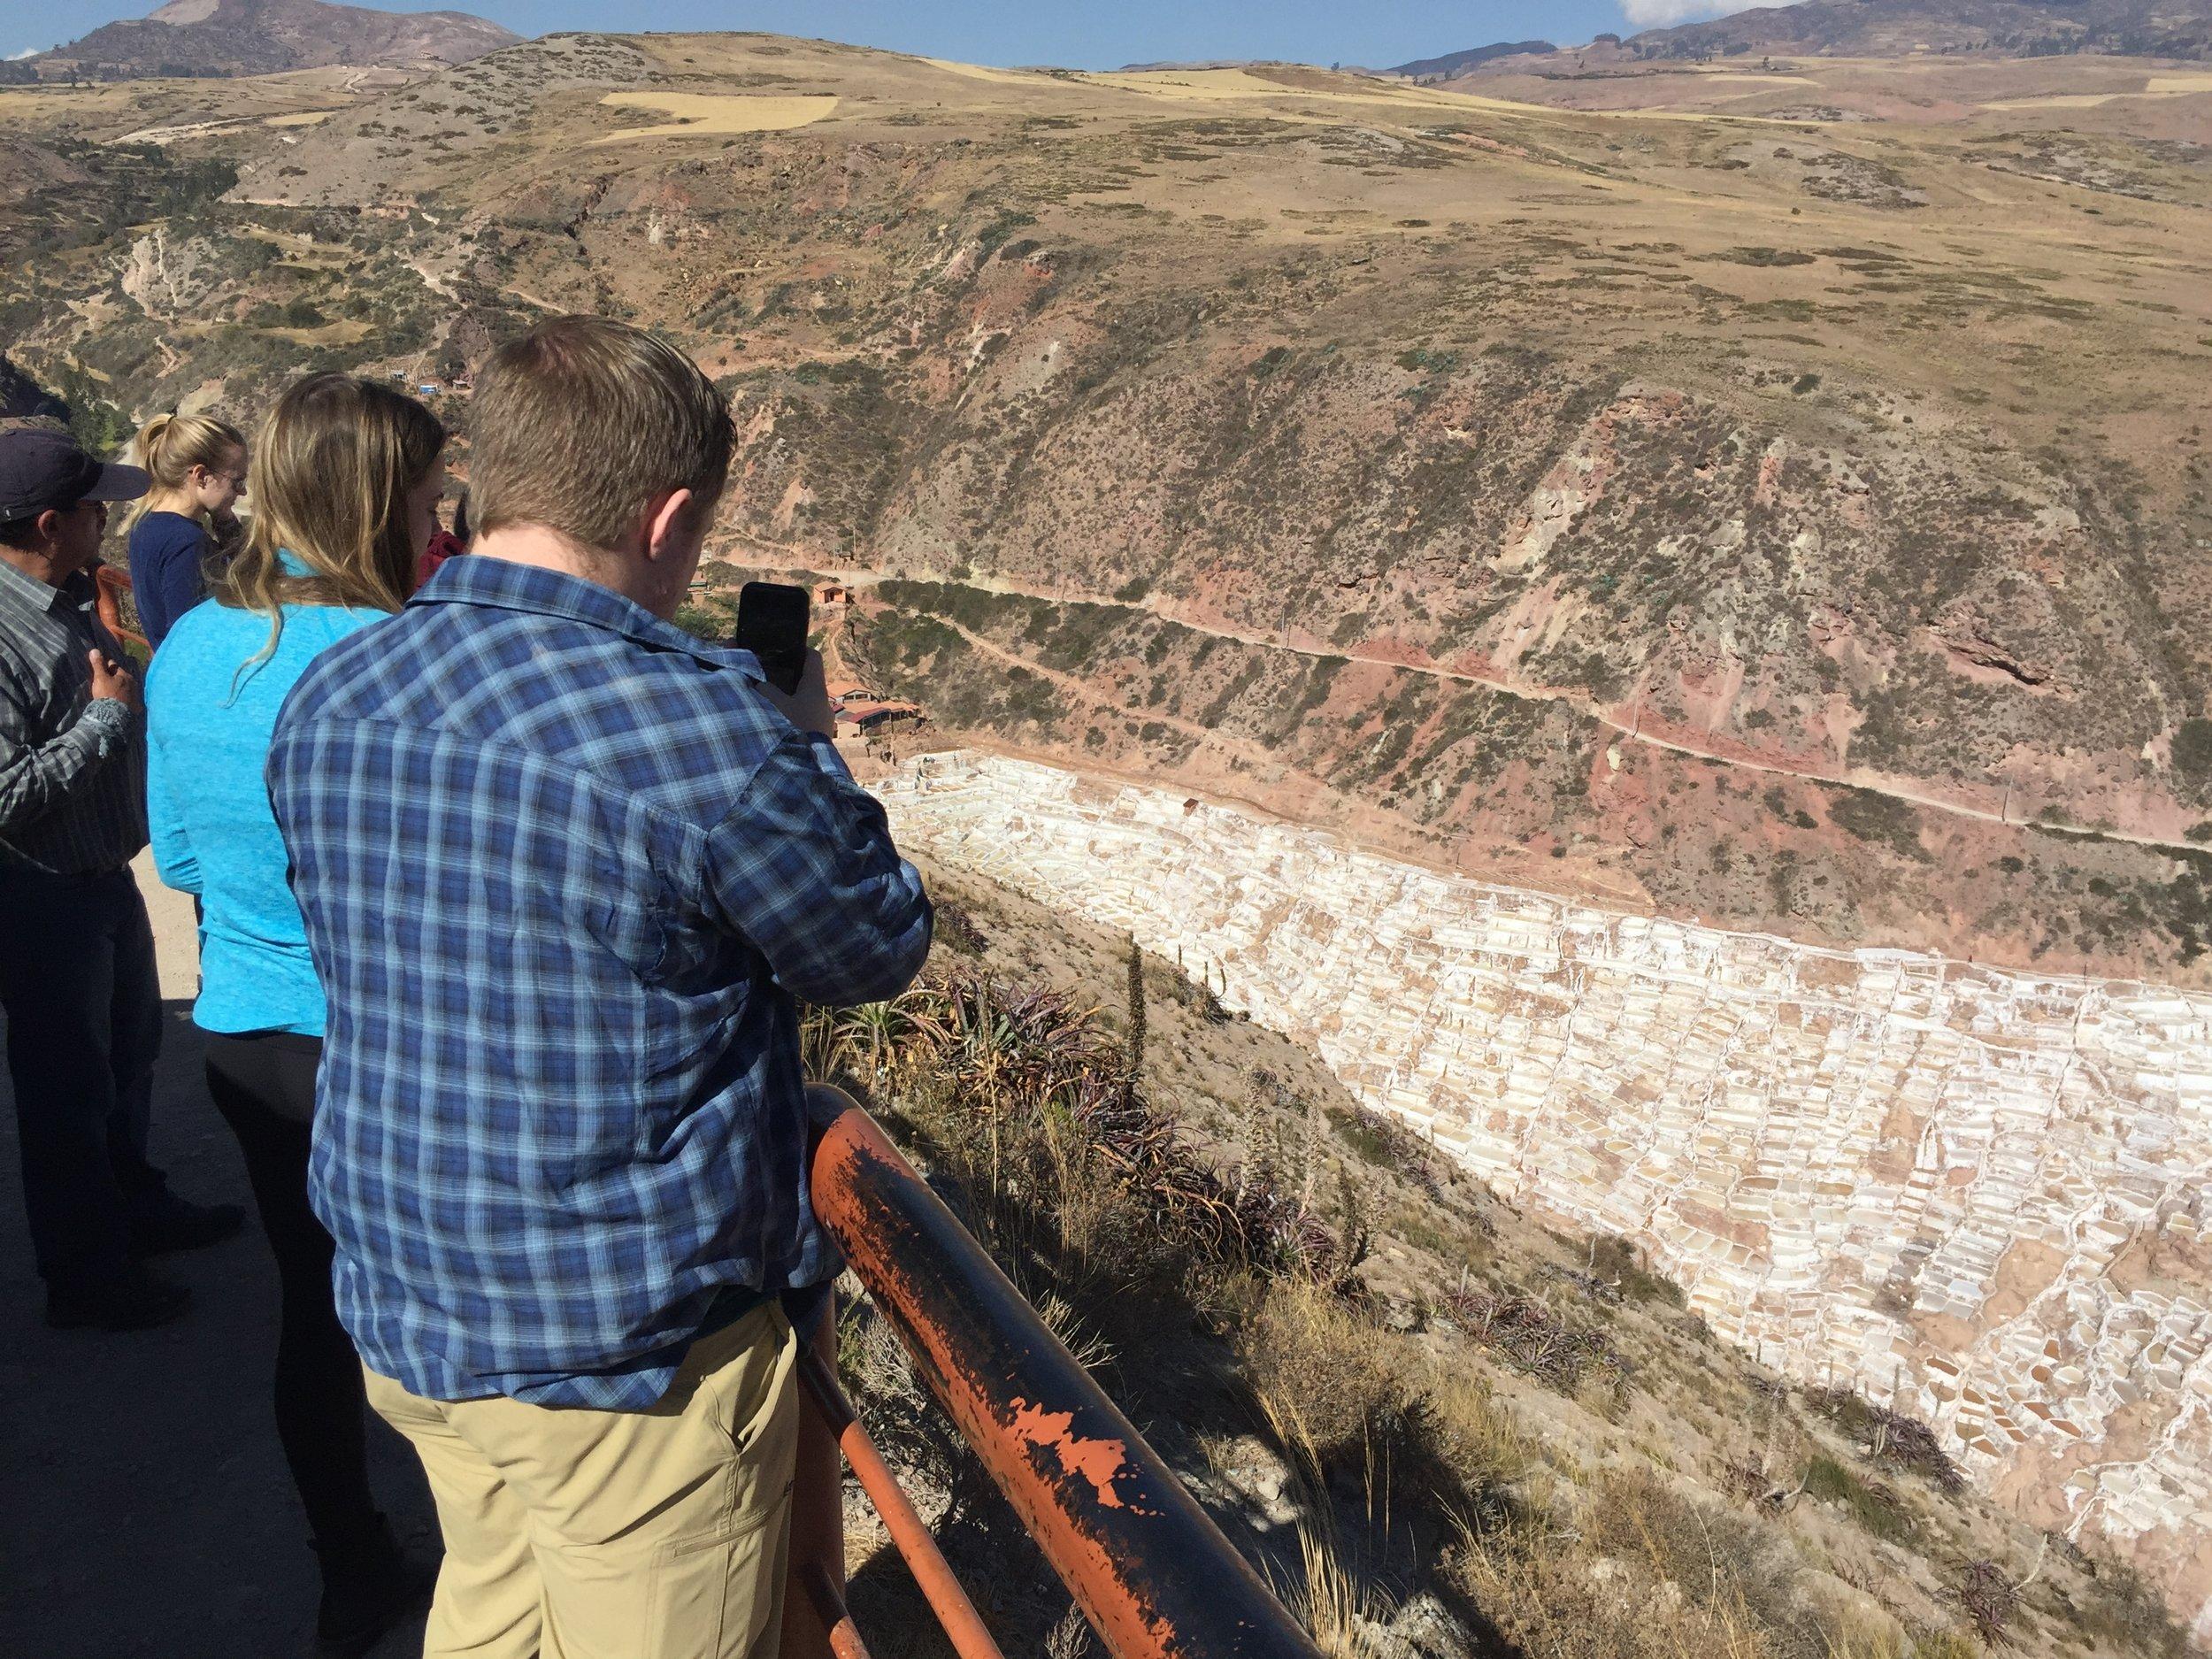 The Incan salt flats of Maras